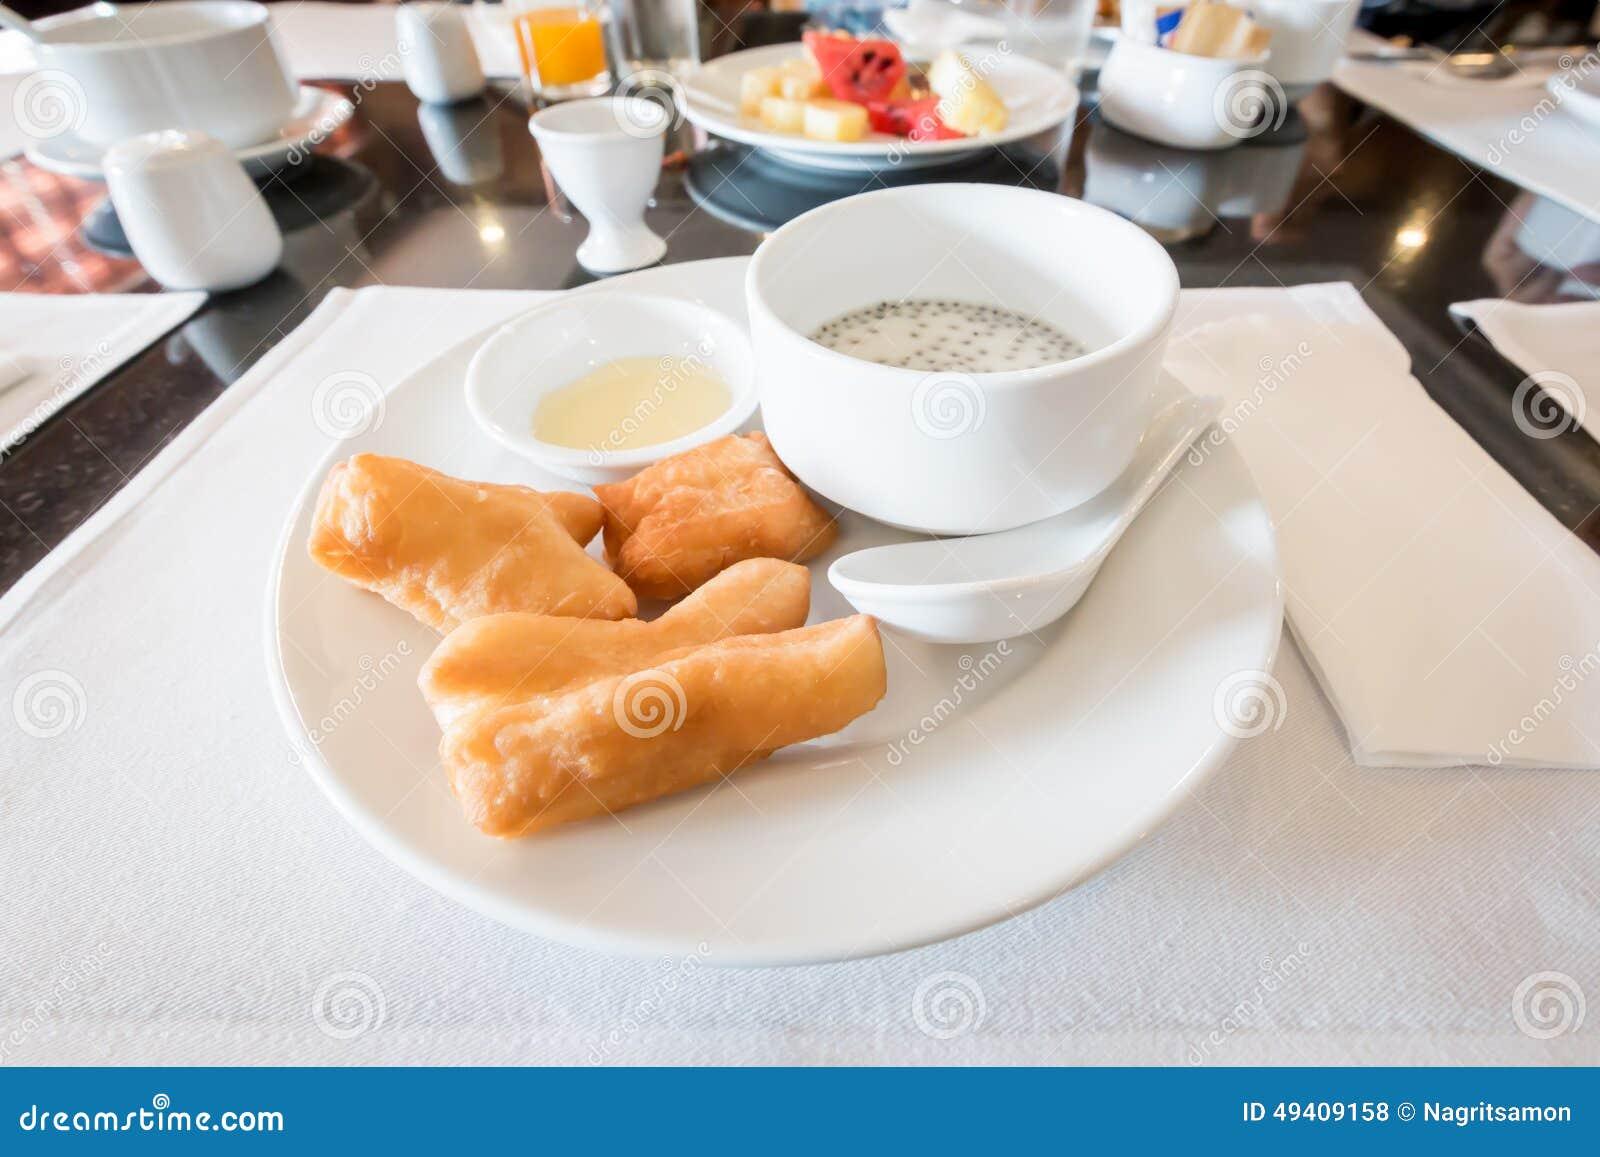 Download Sojabohnenmilch Mit Frittiertem Teigstock Und Schwarzen Samen Des Indischen Sesams Stockfoto - Bild von getränk, nahrung: 49409158